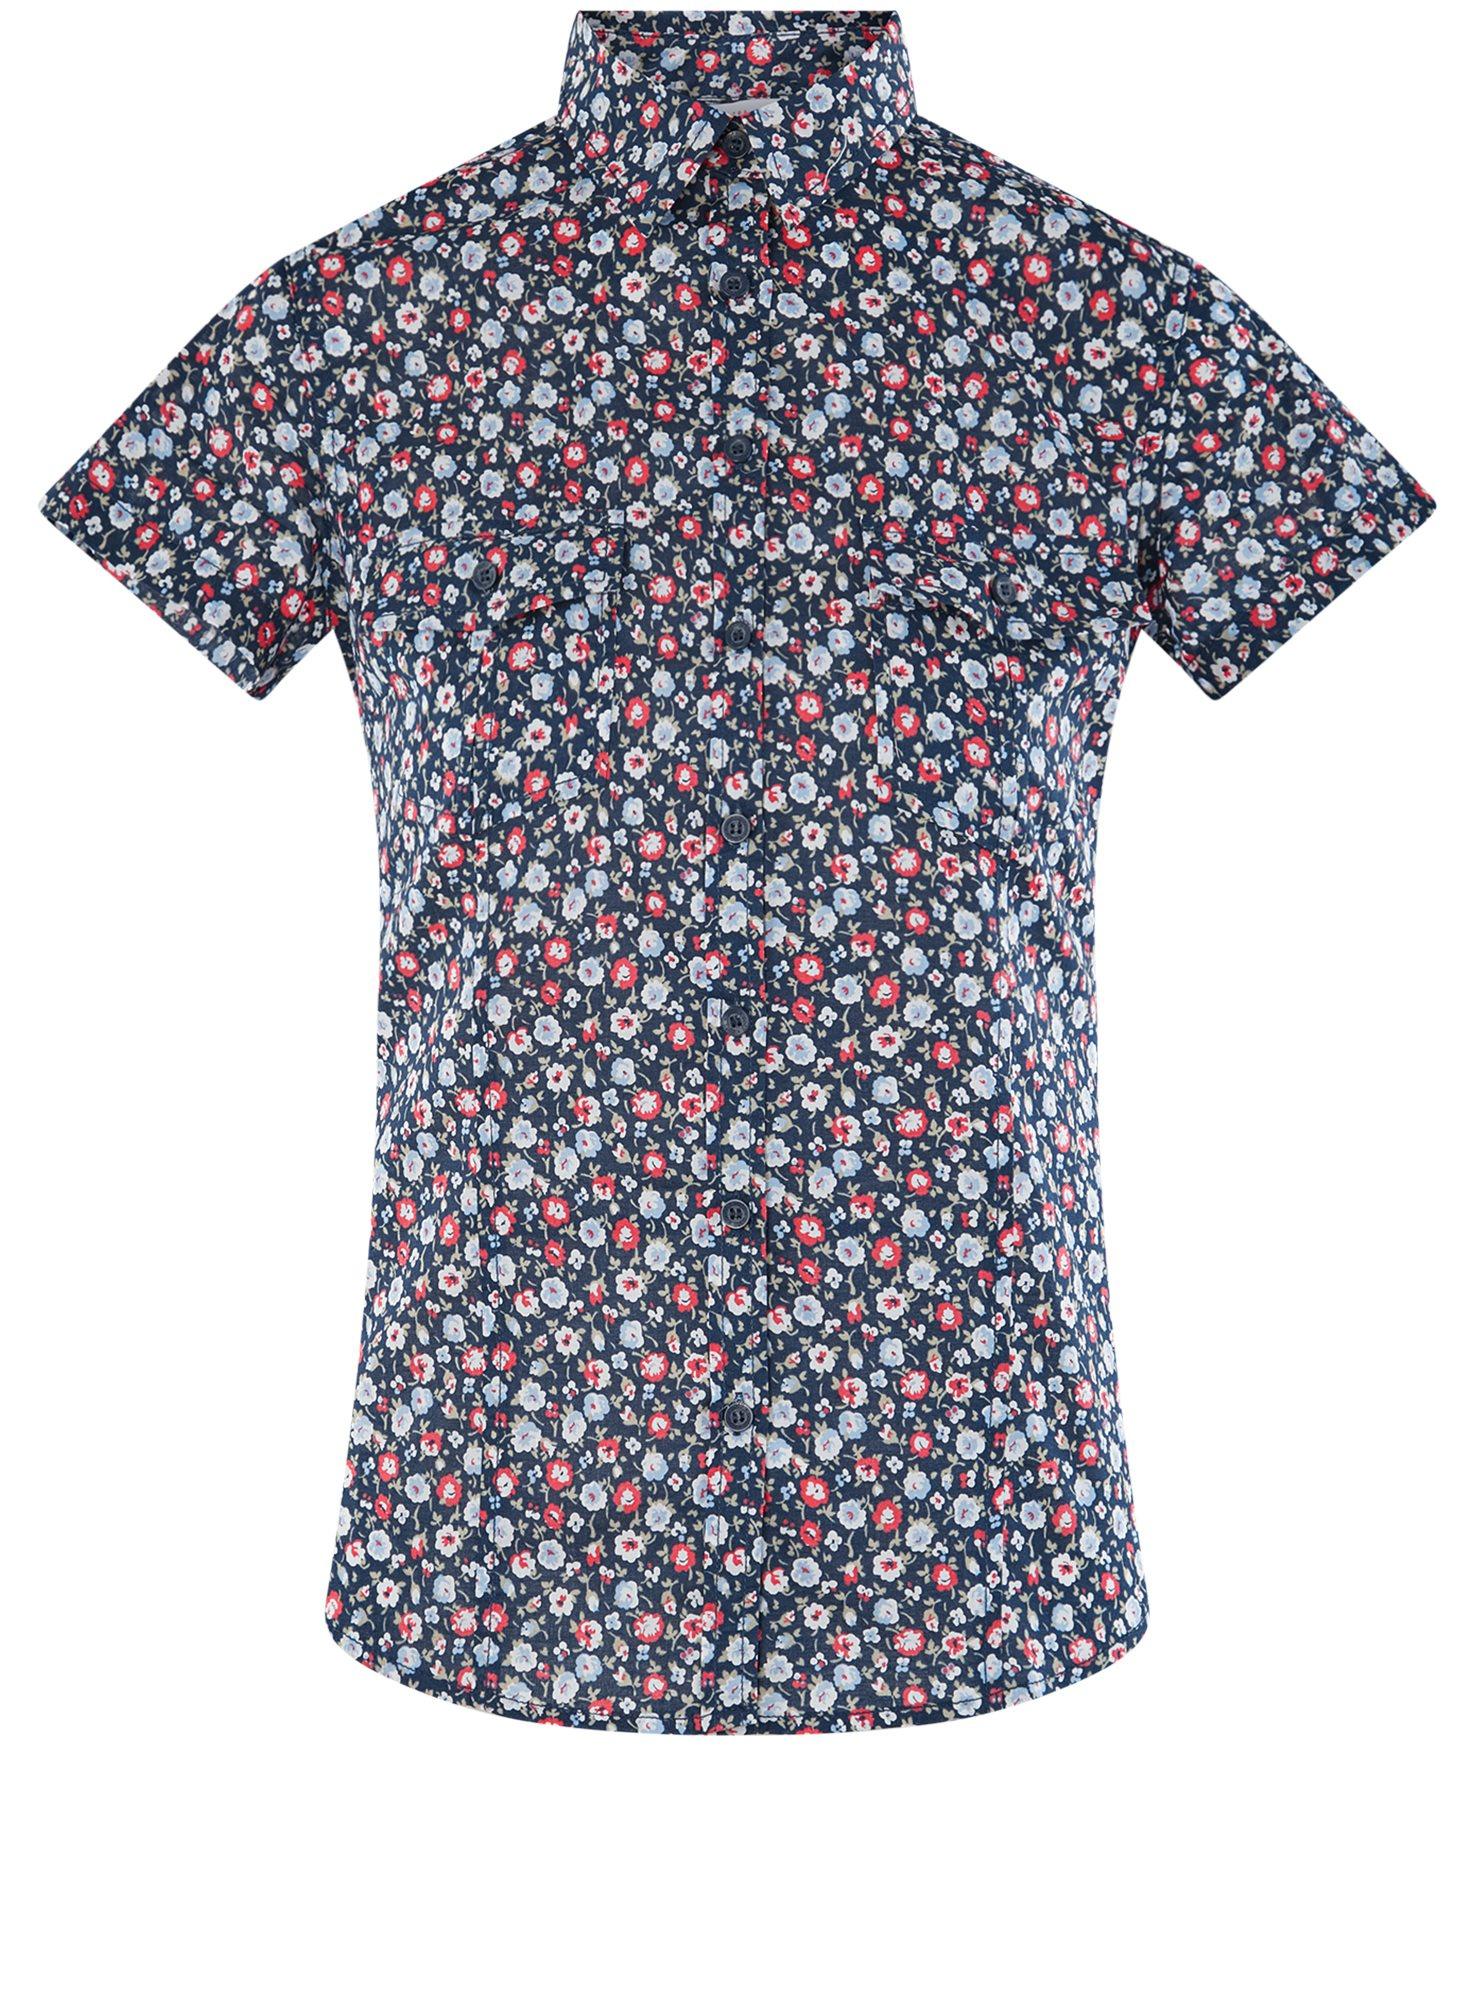 Рубашка хлопковая с нагрудными карманами oodji для женщины (синий), 11402084-3B/12836/7945F